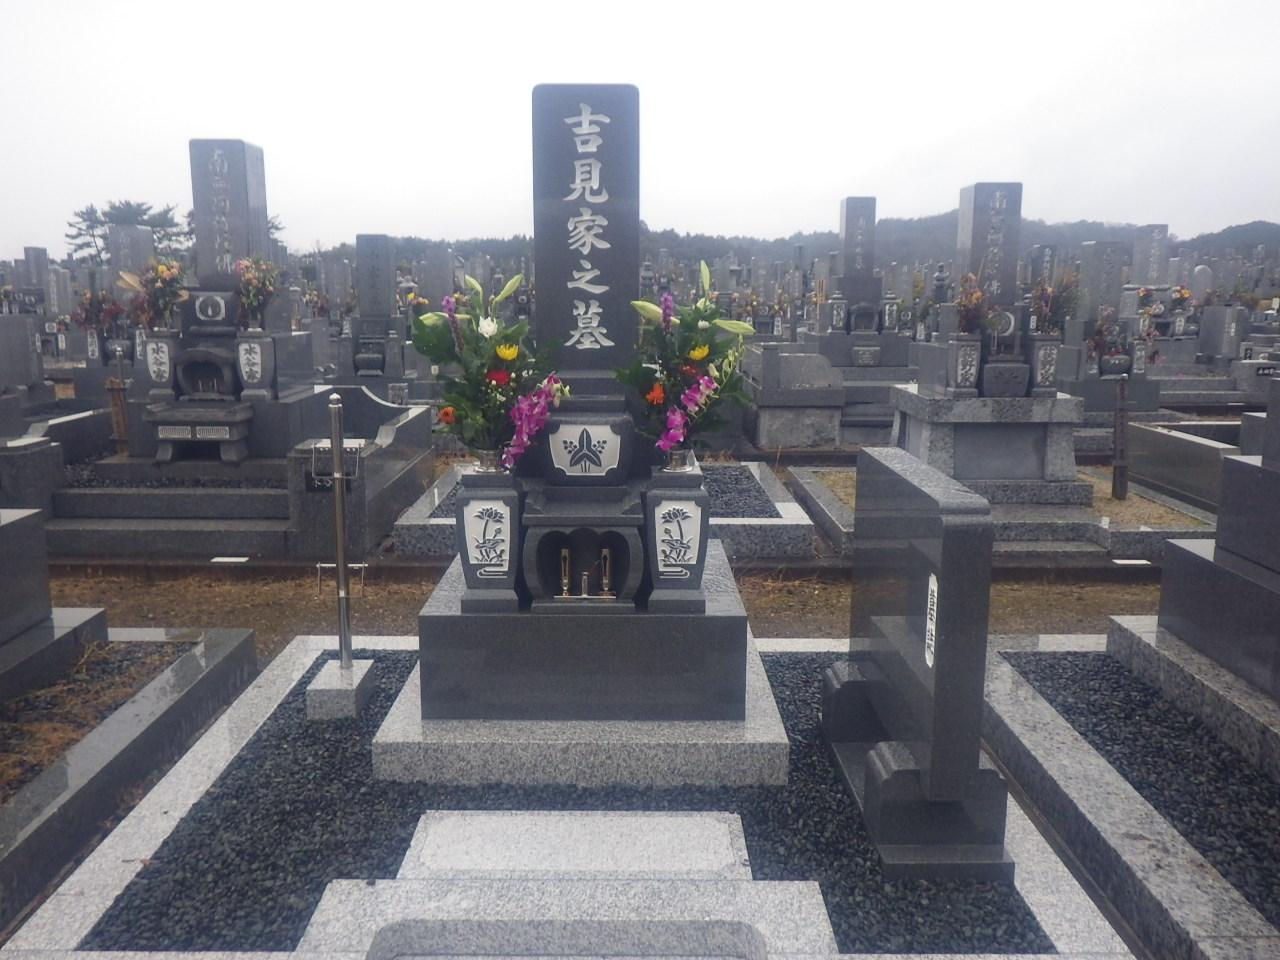 201601 ○岡崎市 岡崎墓園(C6-390) 中国産新山崎石 8寸和型 吉見智様